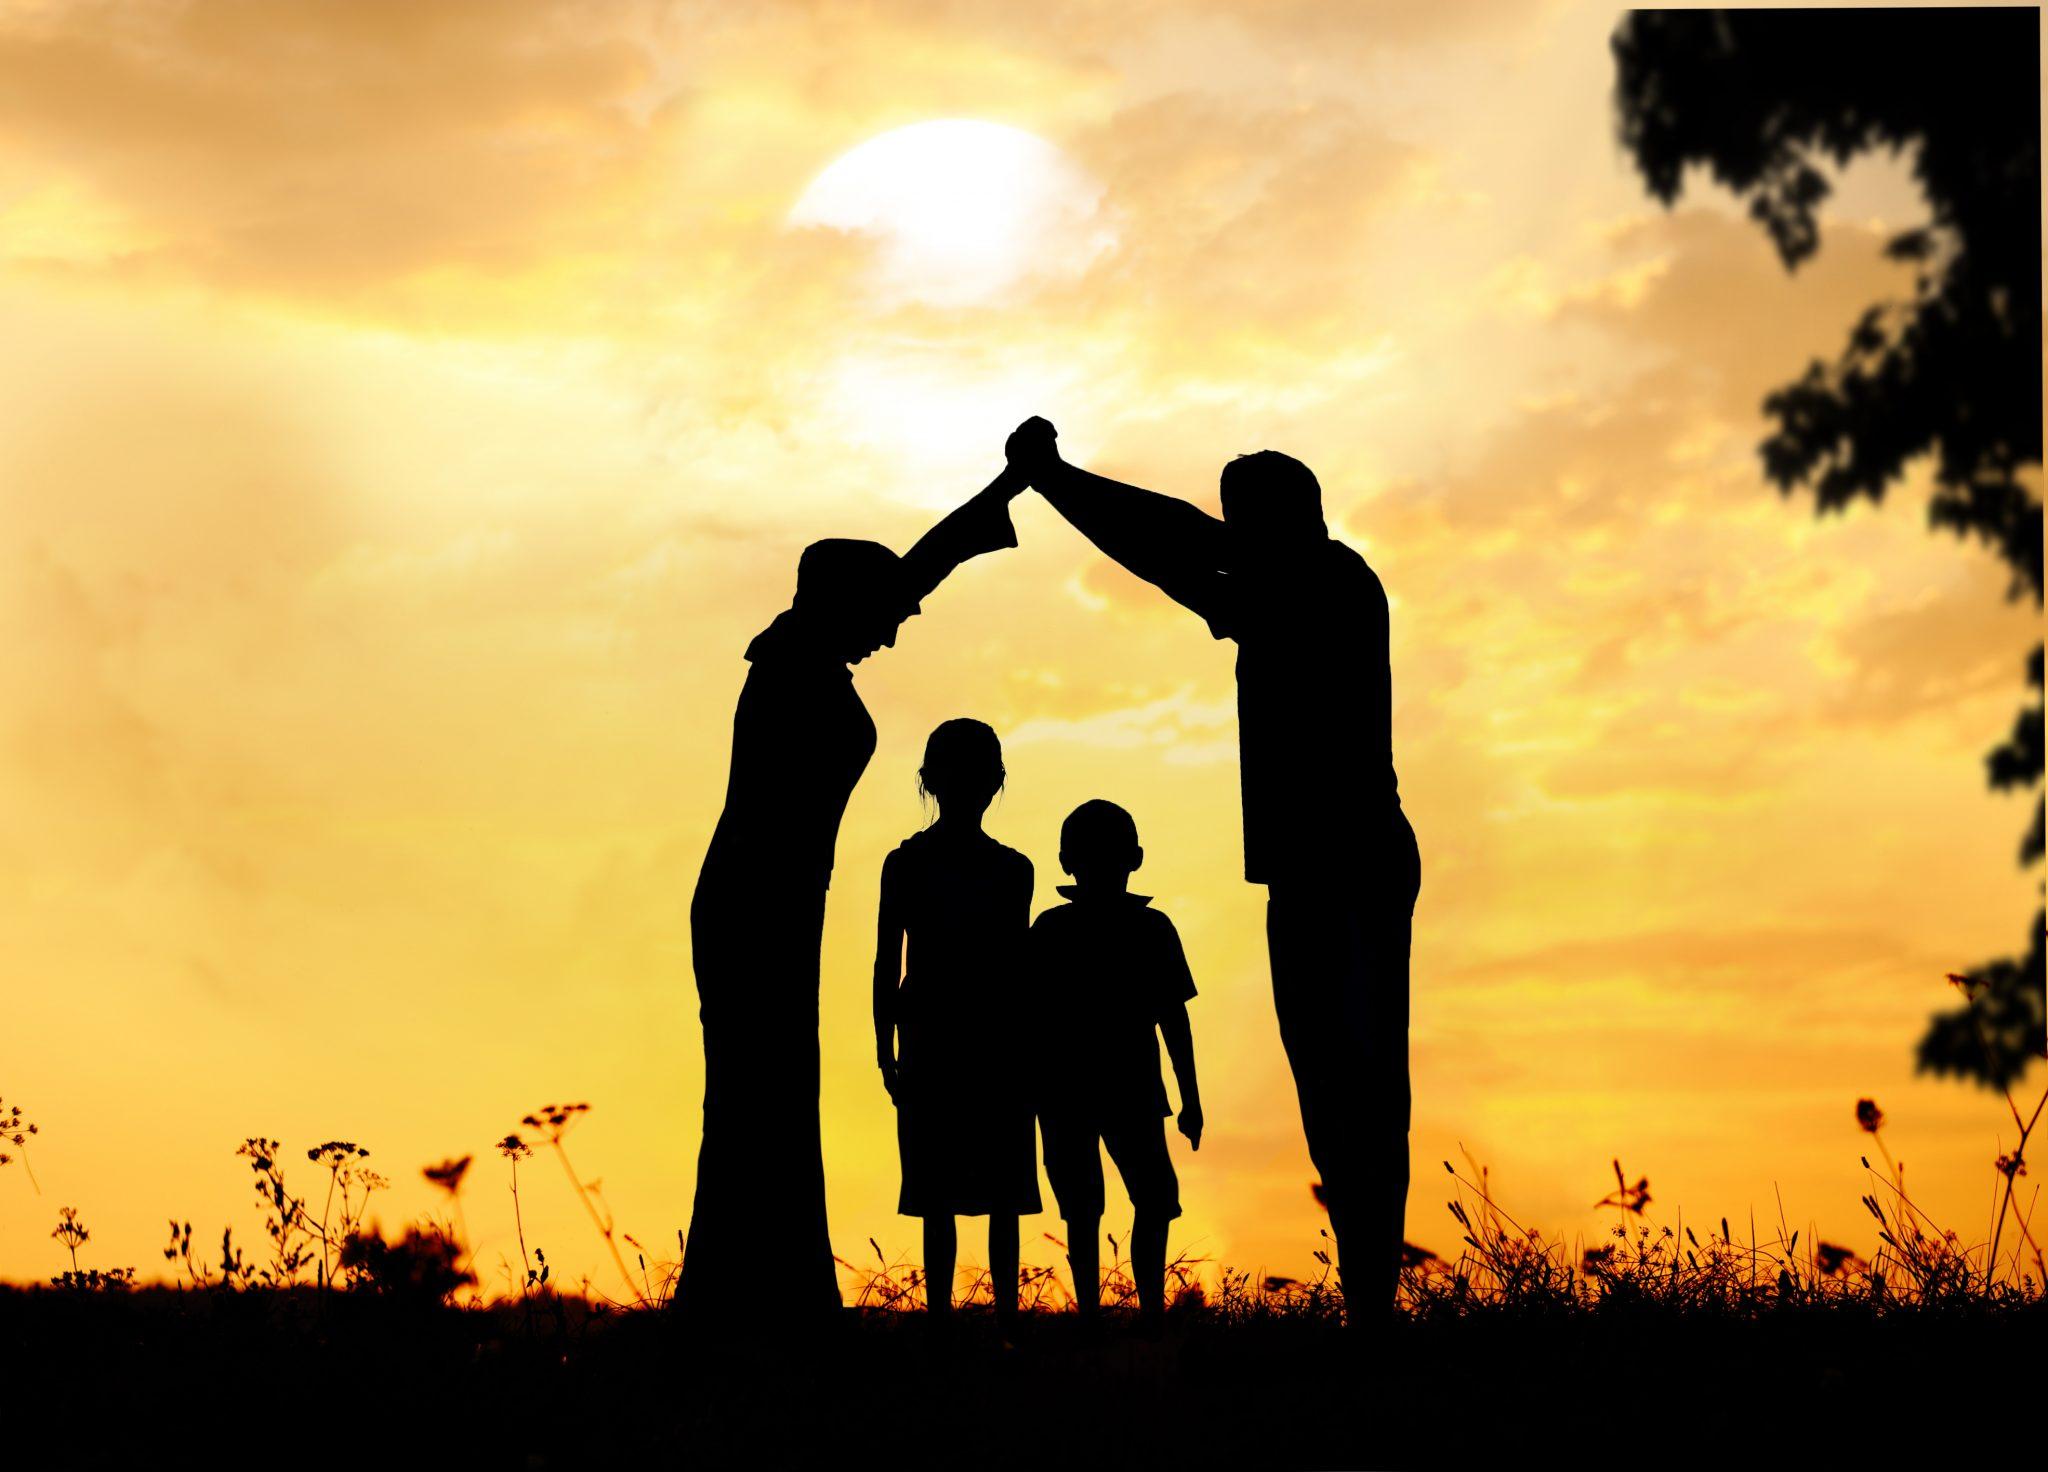 فرزند پروری و بهداشت روانی کودک-درست مصرف کنیم-آگاهی مصرف-آموزش همگانی